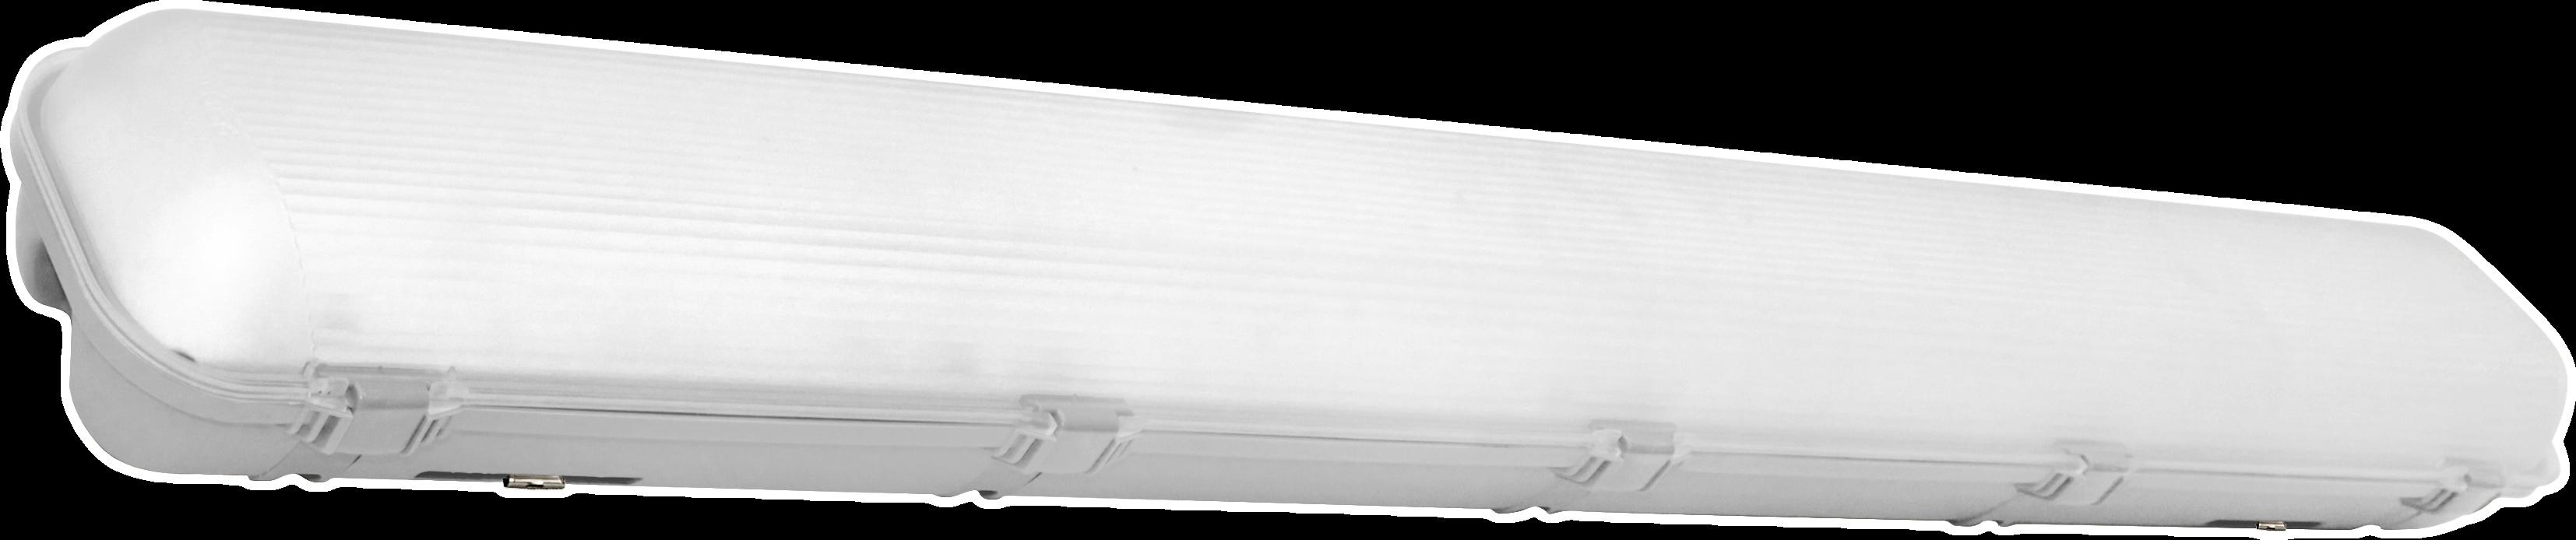 Sıvaüstü - UTip - Etanj - Armatür - Polikarbon - Ledli